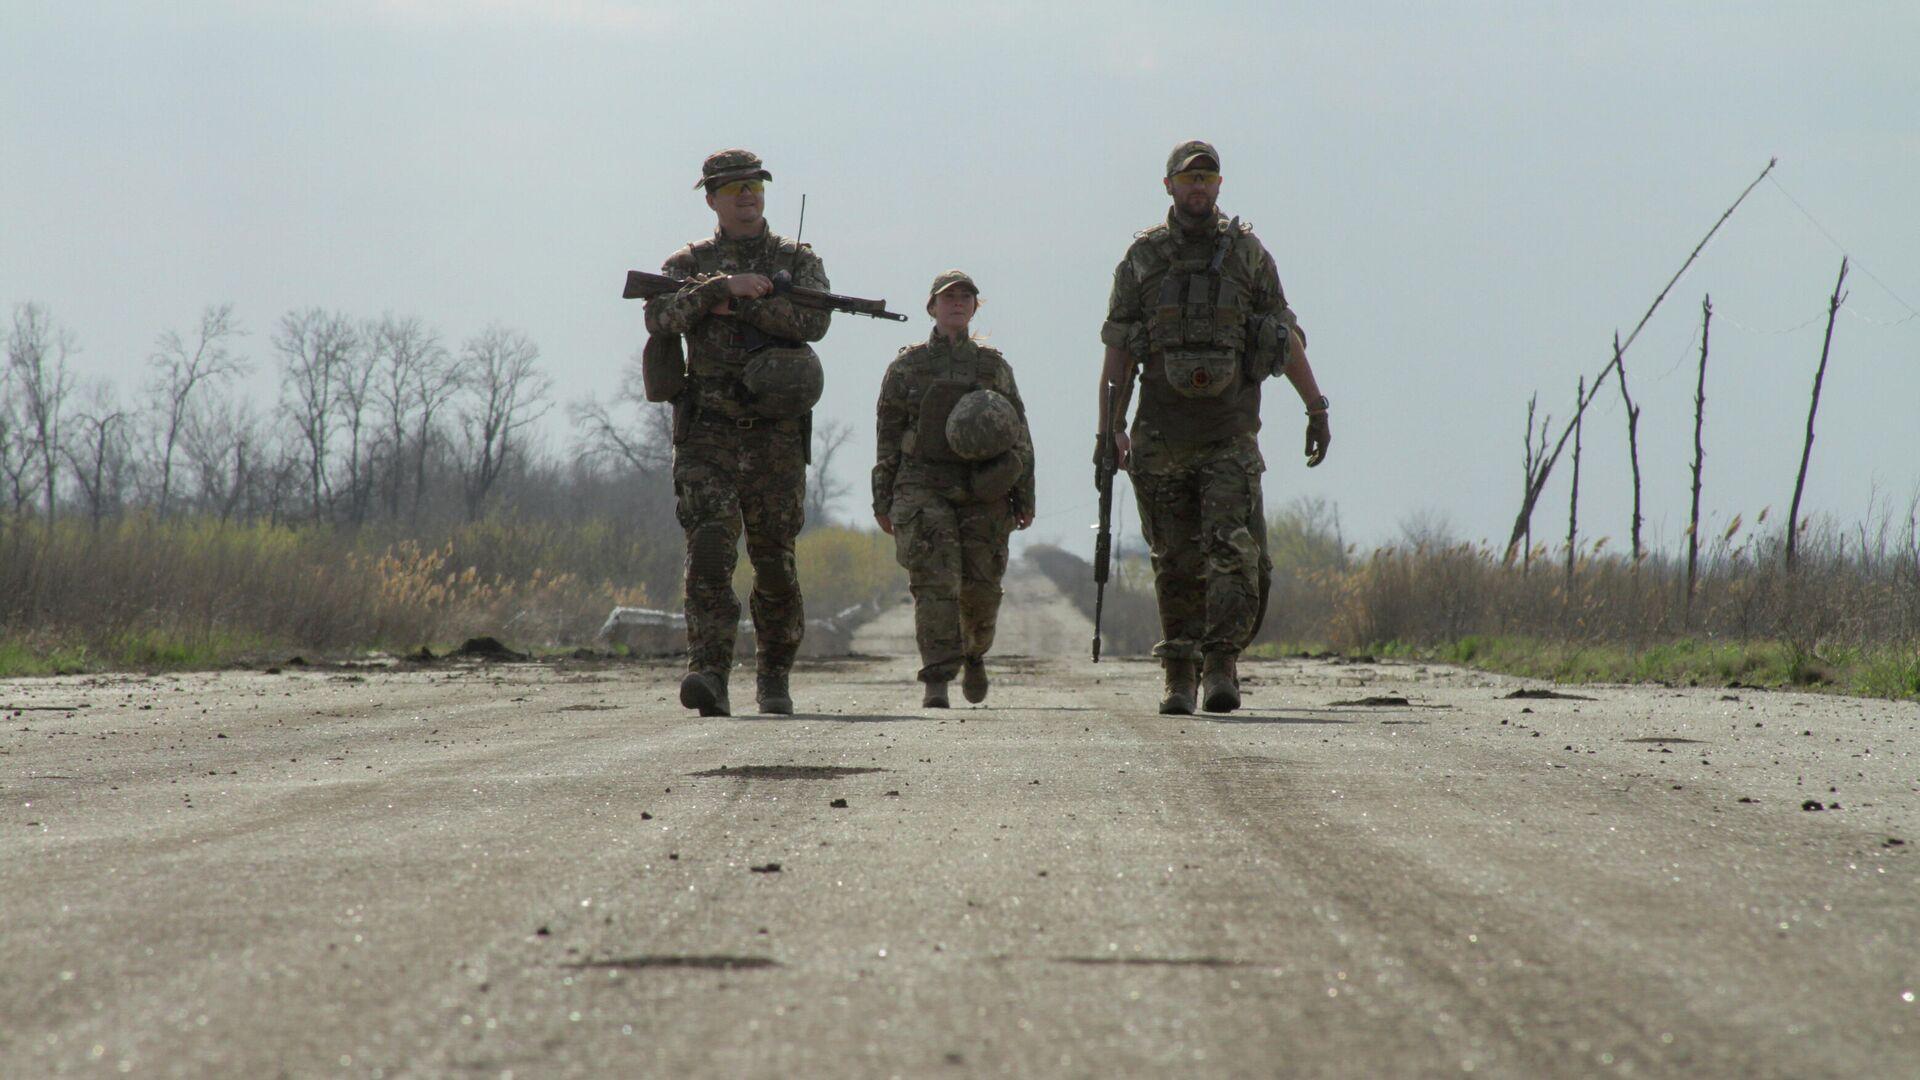 Украинские военные на дороге в районе линии соприкосновения в Донецкой области - РИА Новости, 1920, 12.06.2021